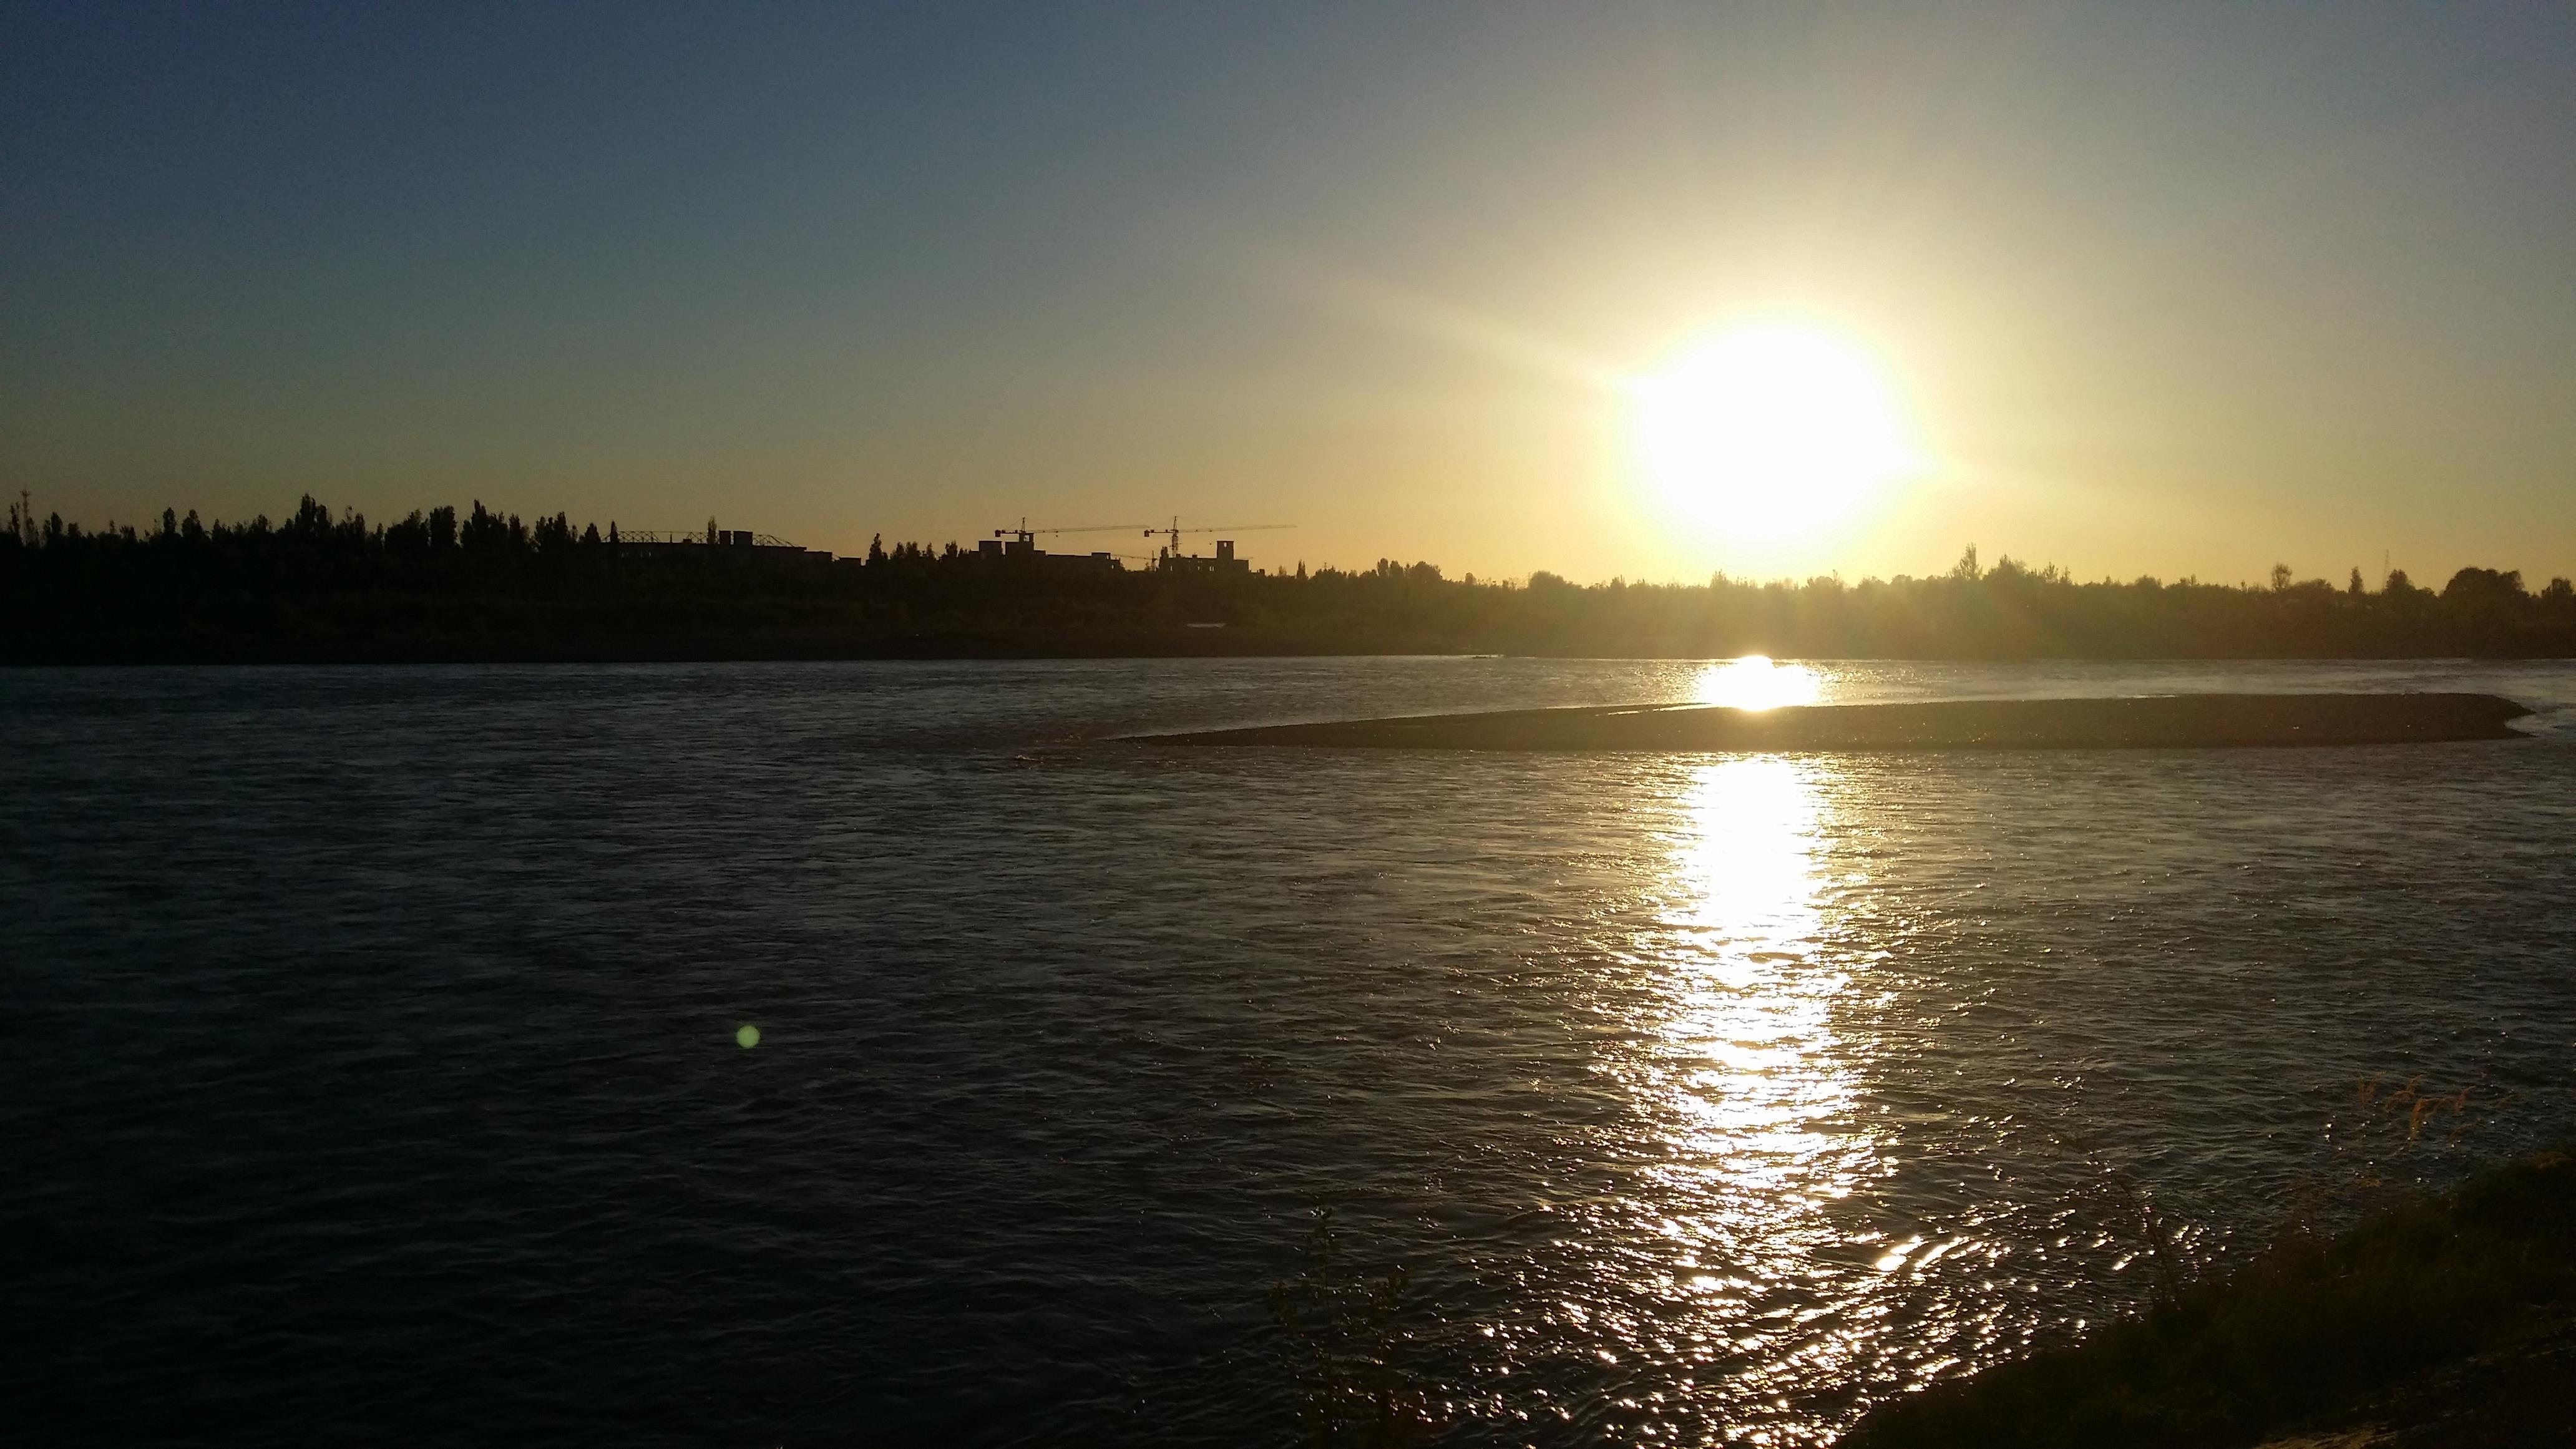 【携程攻略】伊犁伊犁河适合情侣出游旅游吗,伊犁河